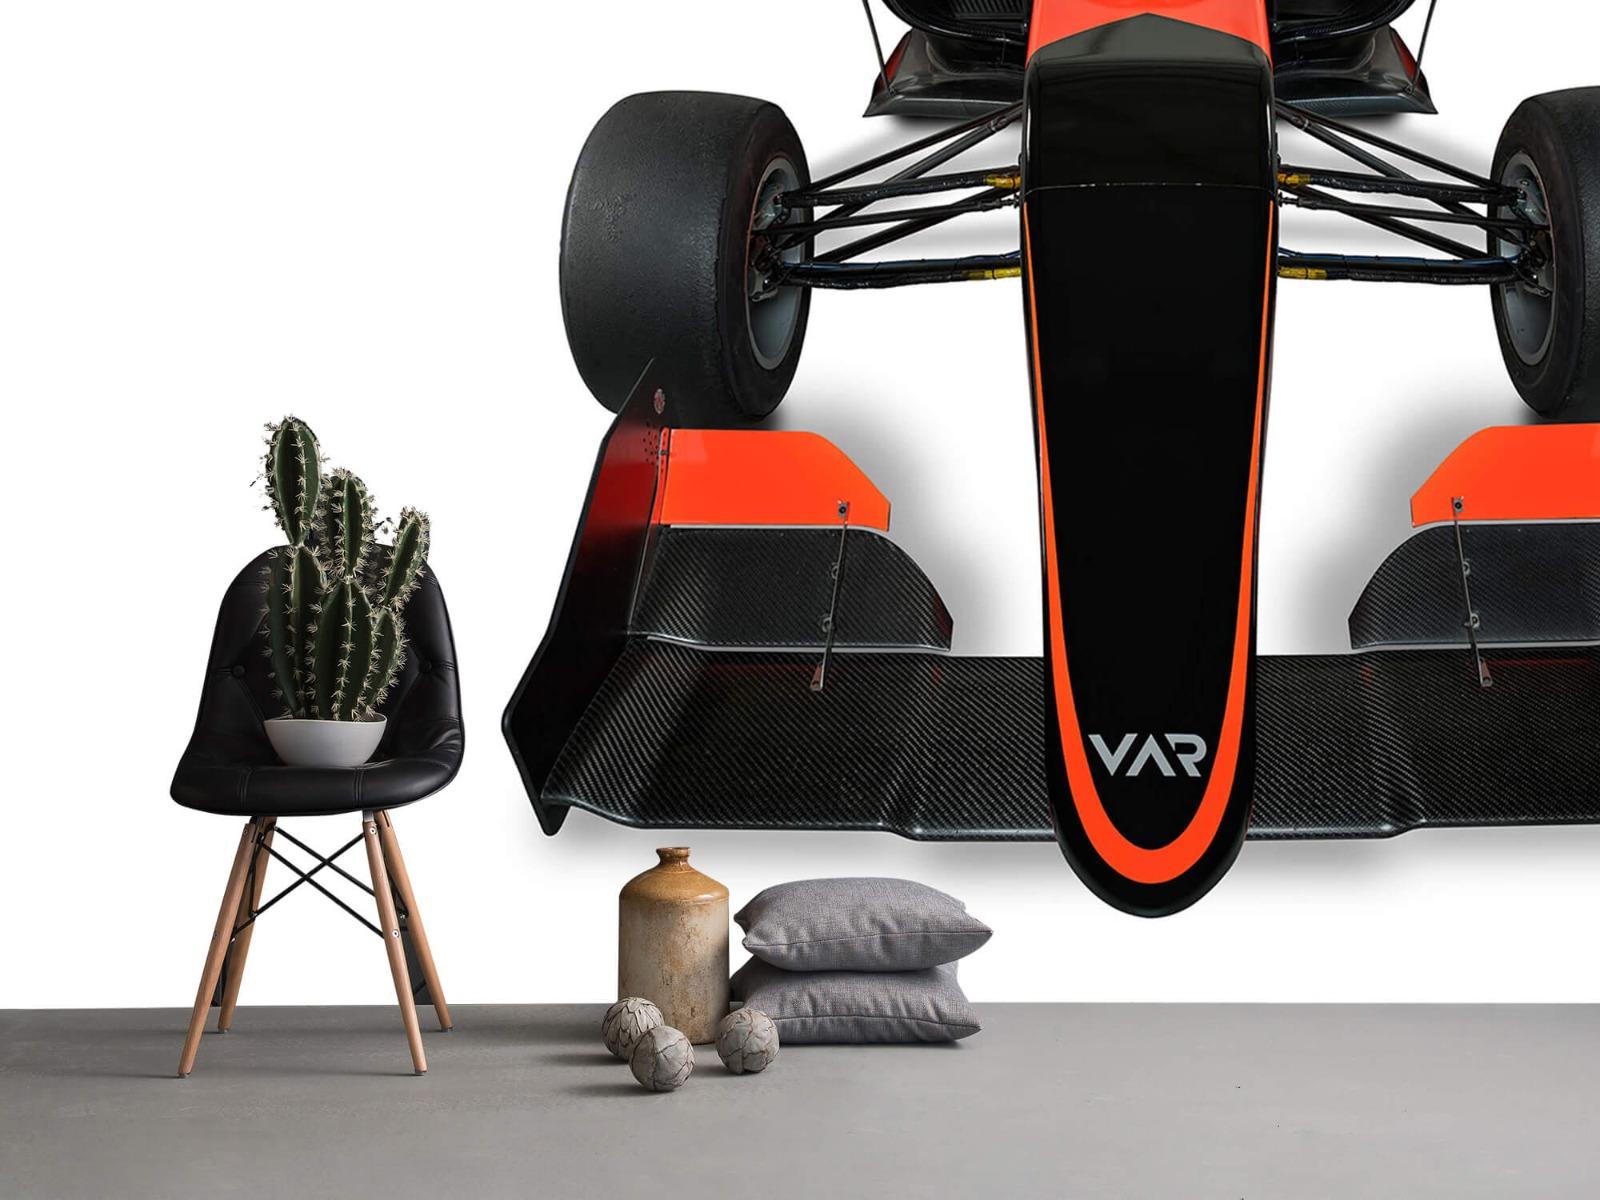 Sportauto's - Formule 3 - Front view - Computerruimte 13